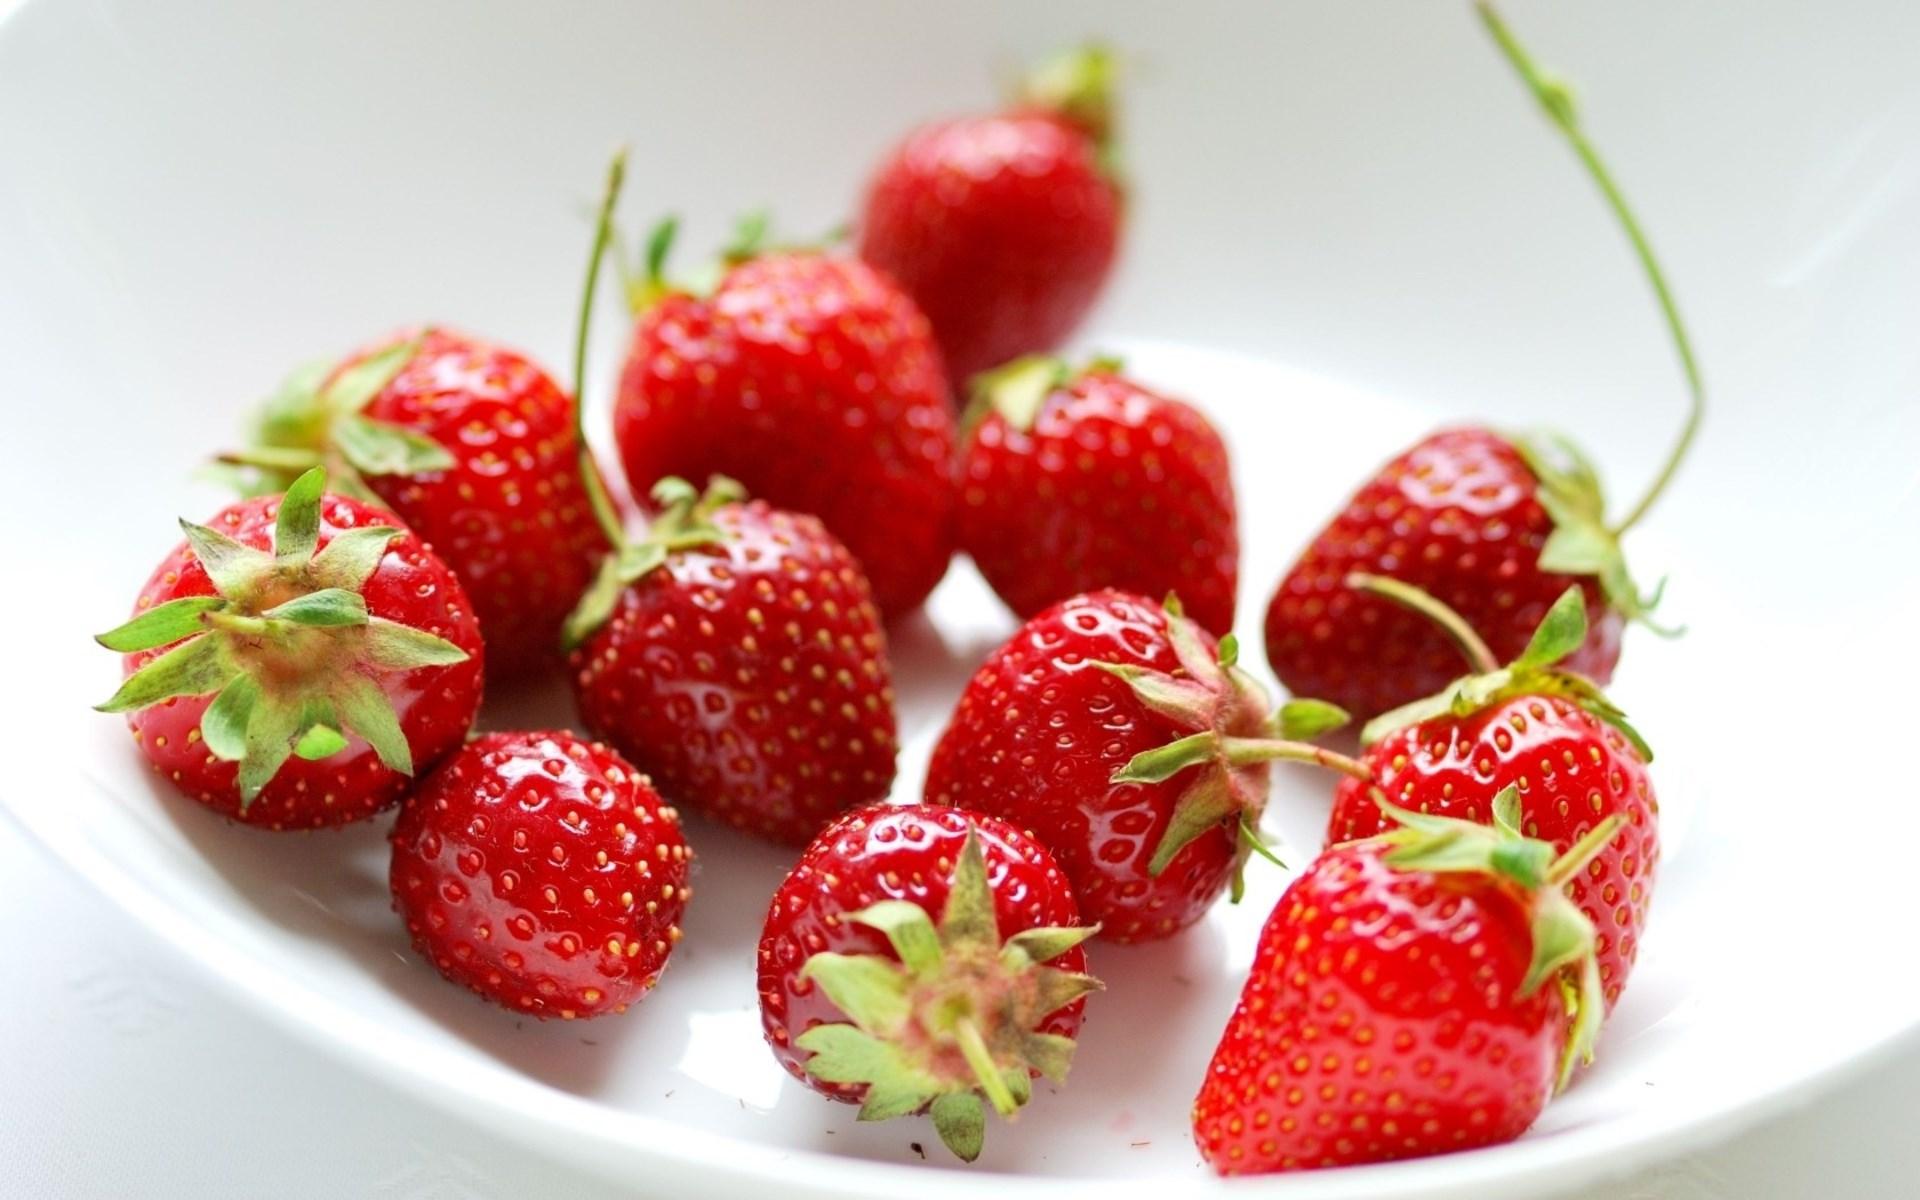 Strawberries Red Pialat Berries Wallpaper 1920x1200